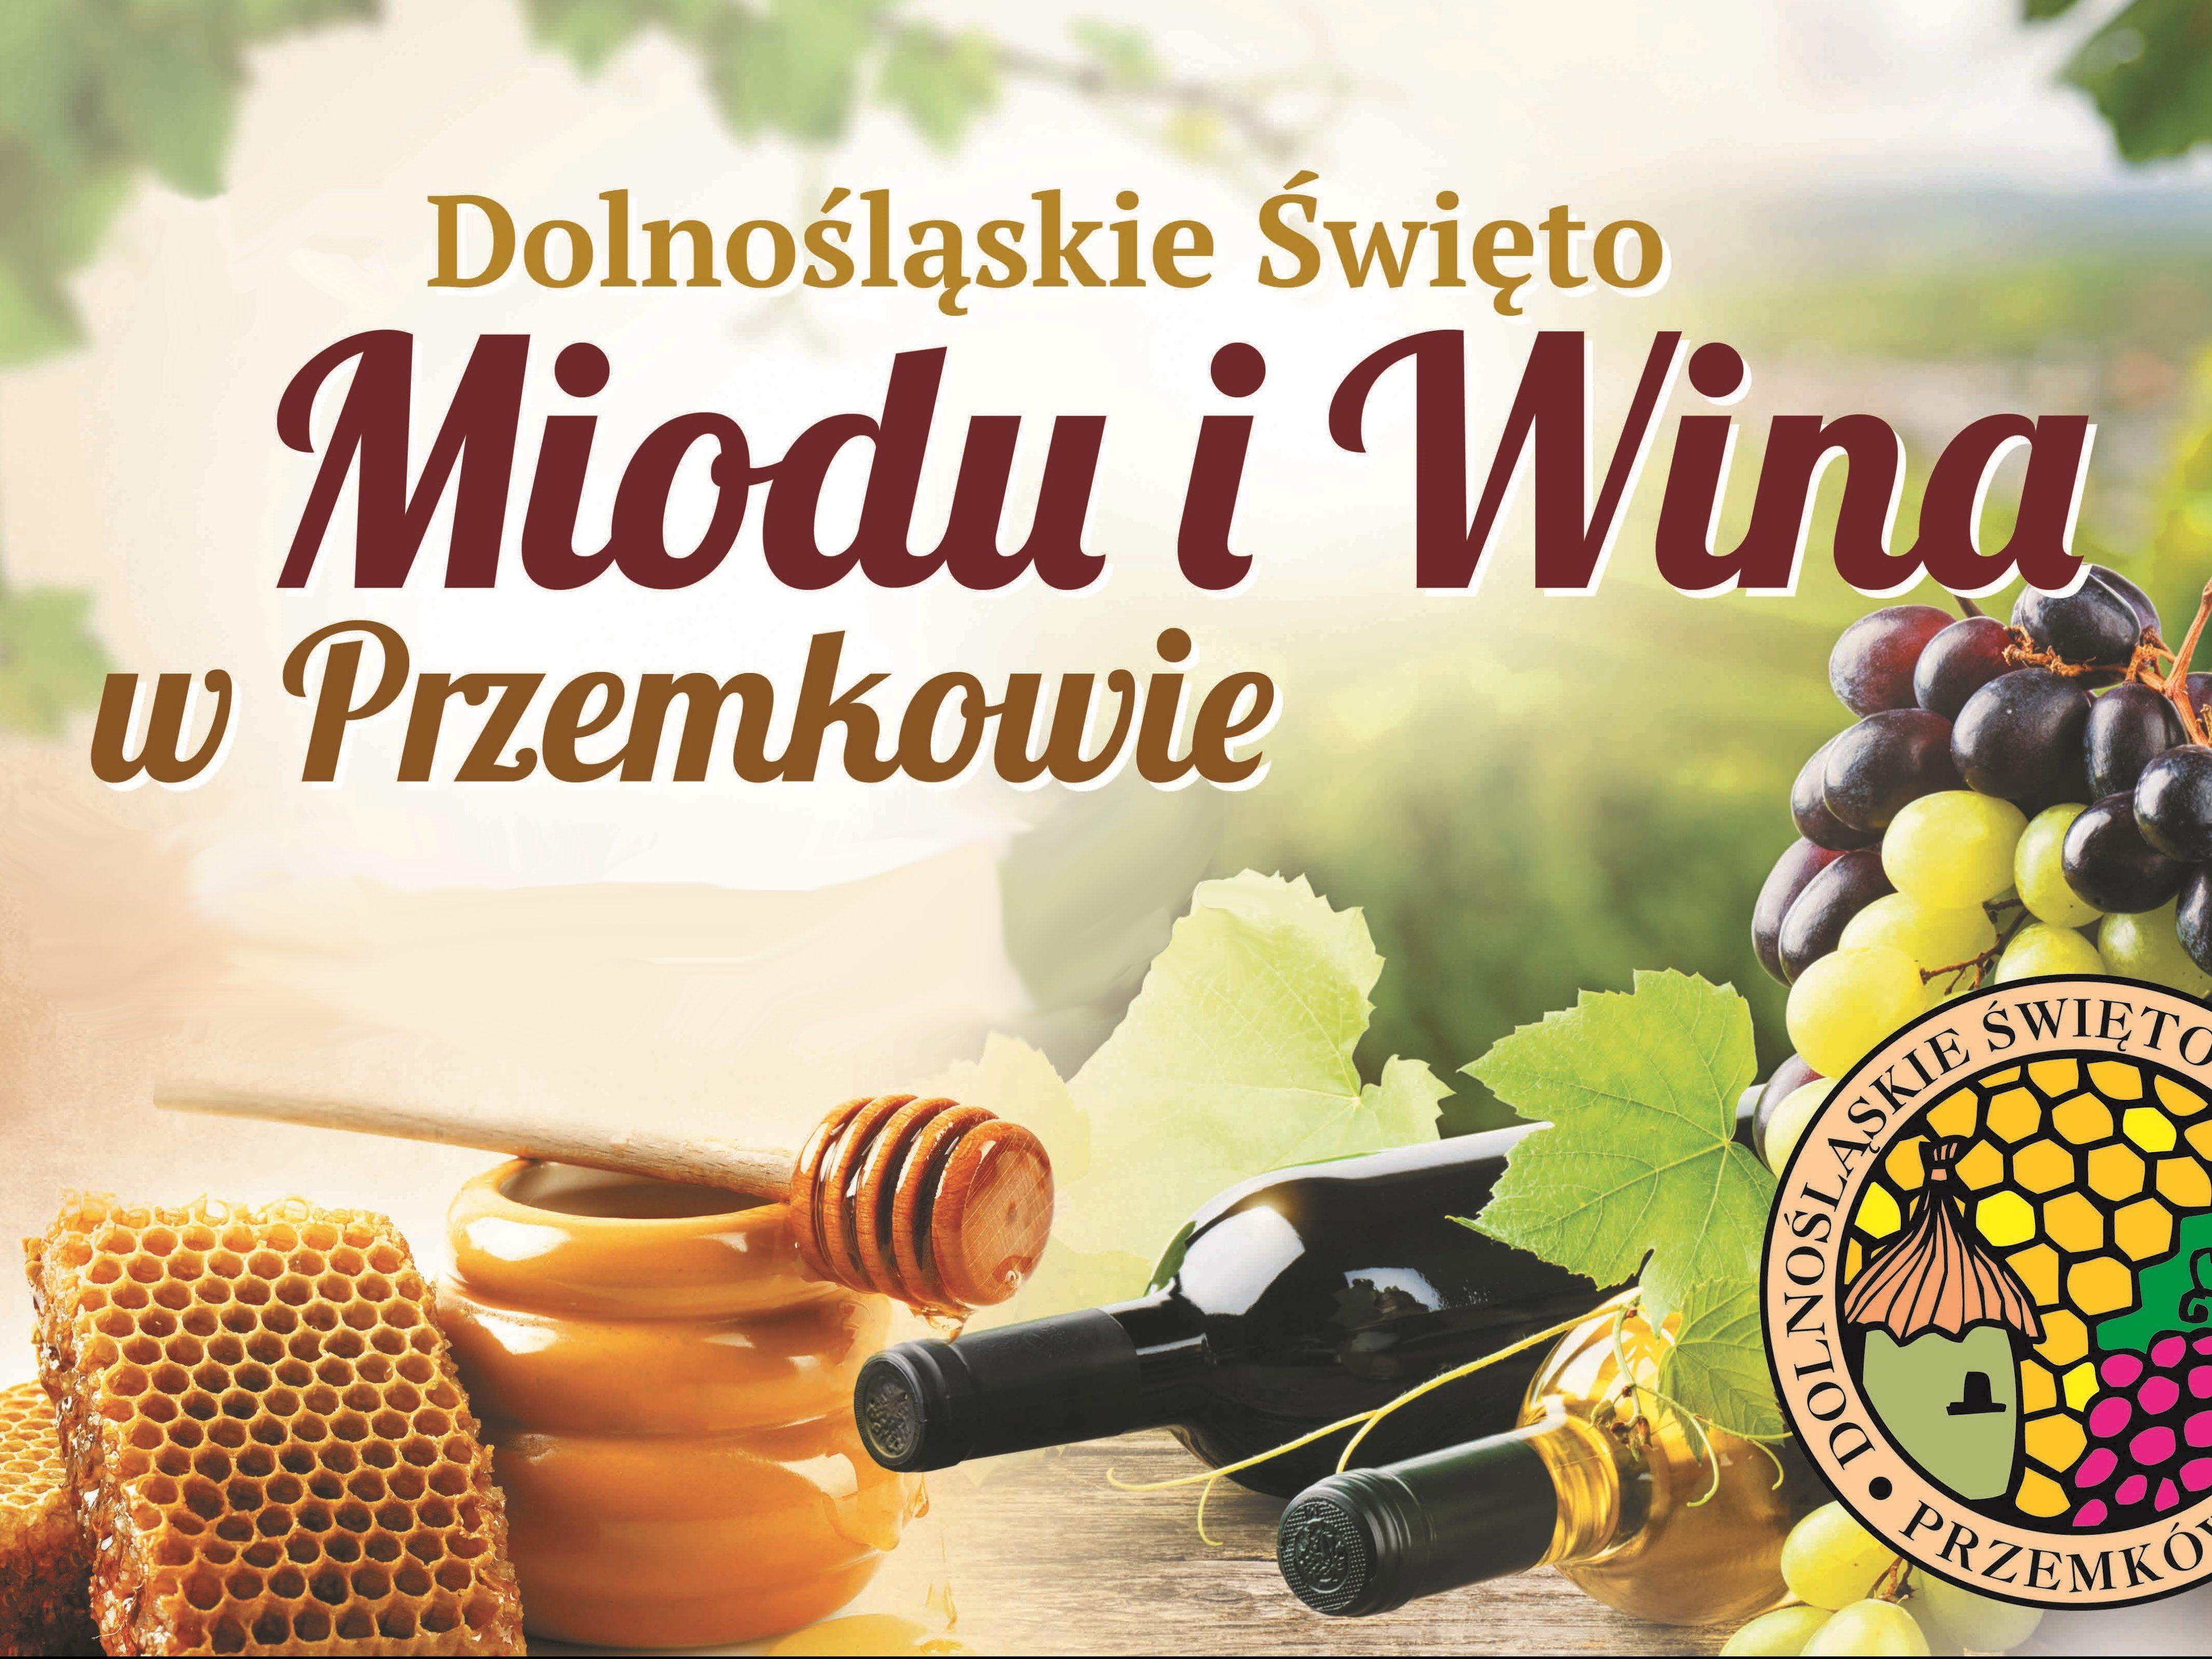 dolnośląskie święto wina i miodu